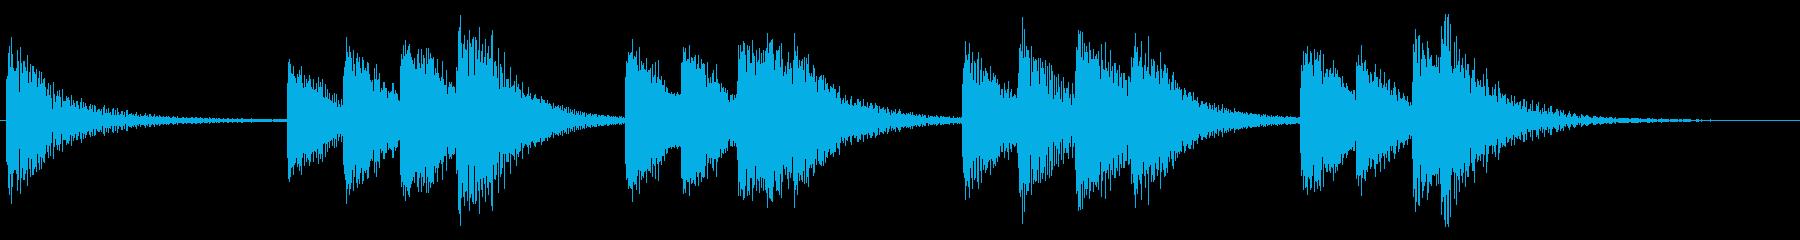 さわやかな放送お知らせチャイムの再生済みの波形